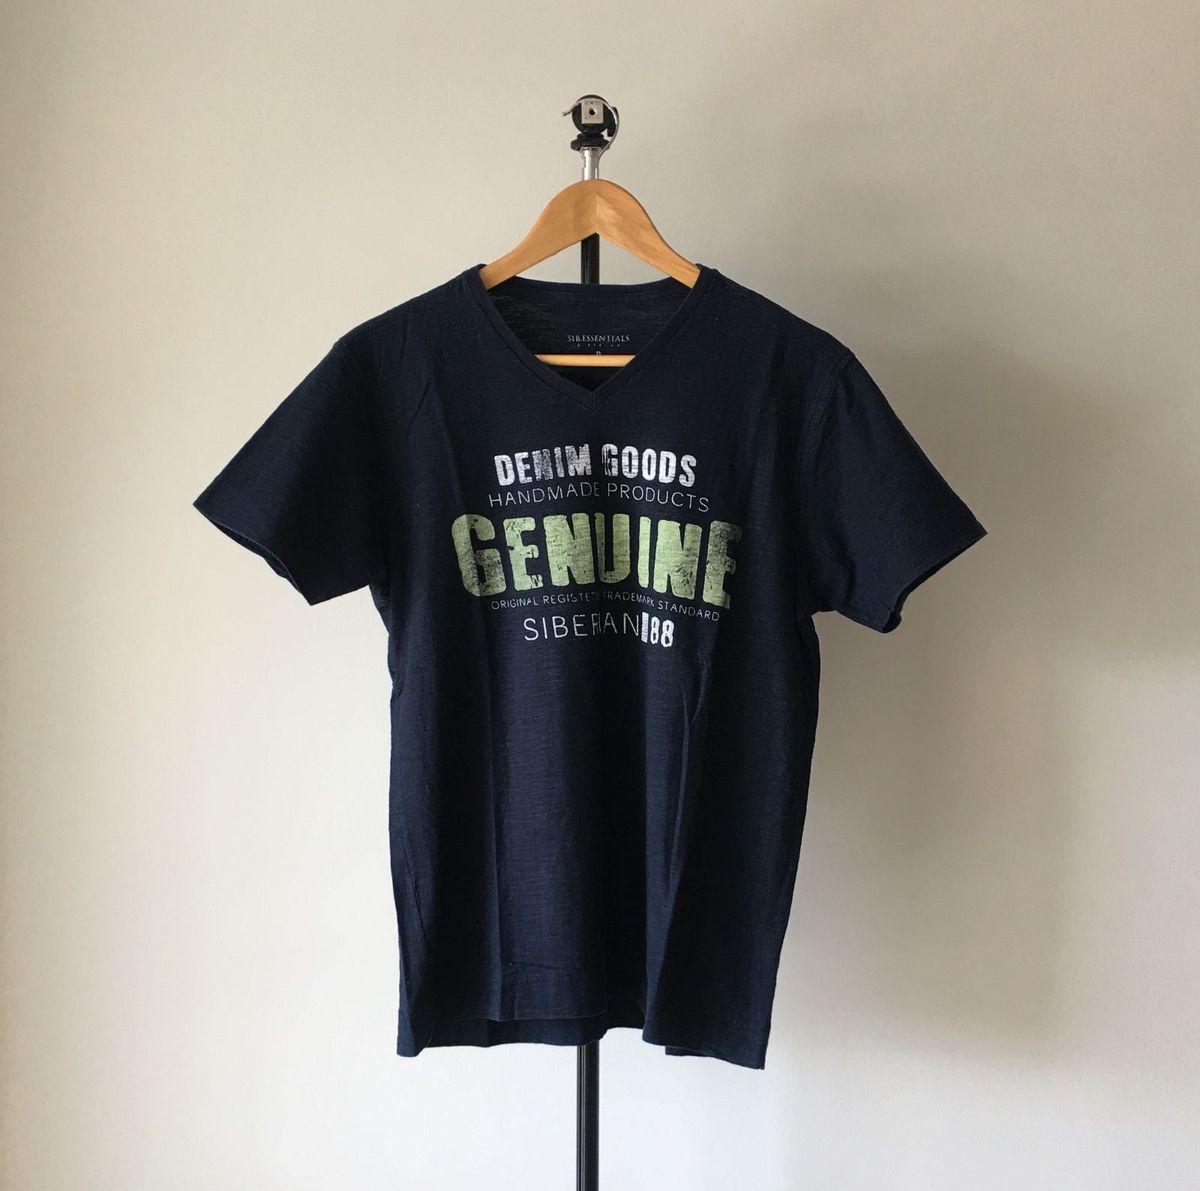 camiseta siberian - camisetas siberian.  Czm6ly9wag90b3muzw5qb2vplmnvbs5ici9wcm9kdwn0cy81mde4njm2lzy3ngyymme2mmm1mjewzjdlnjg4oda3nza1njbkyjbilmpwzw  ... 00491771a0c74